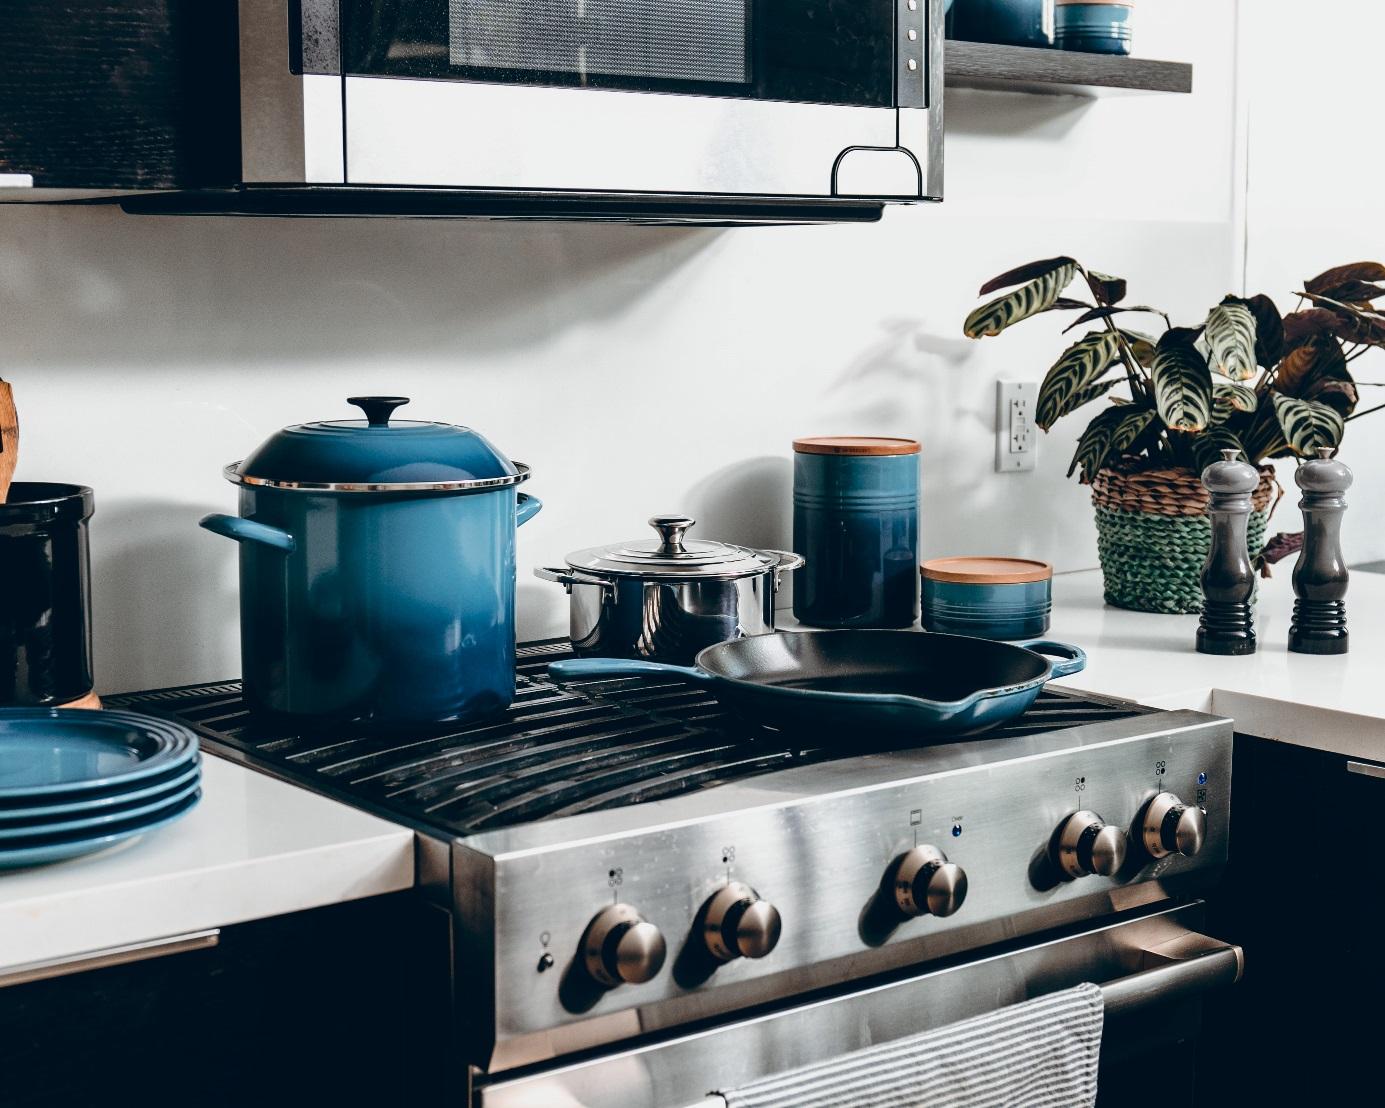 Jakie związki chemiczne znajdują się w garnkach i innych naczyniach kuchennych? 44